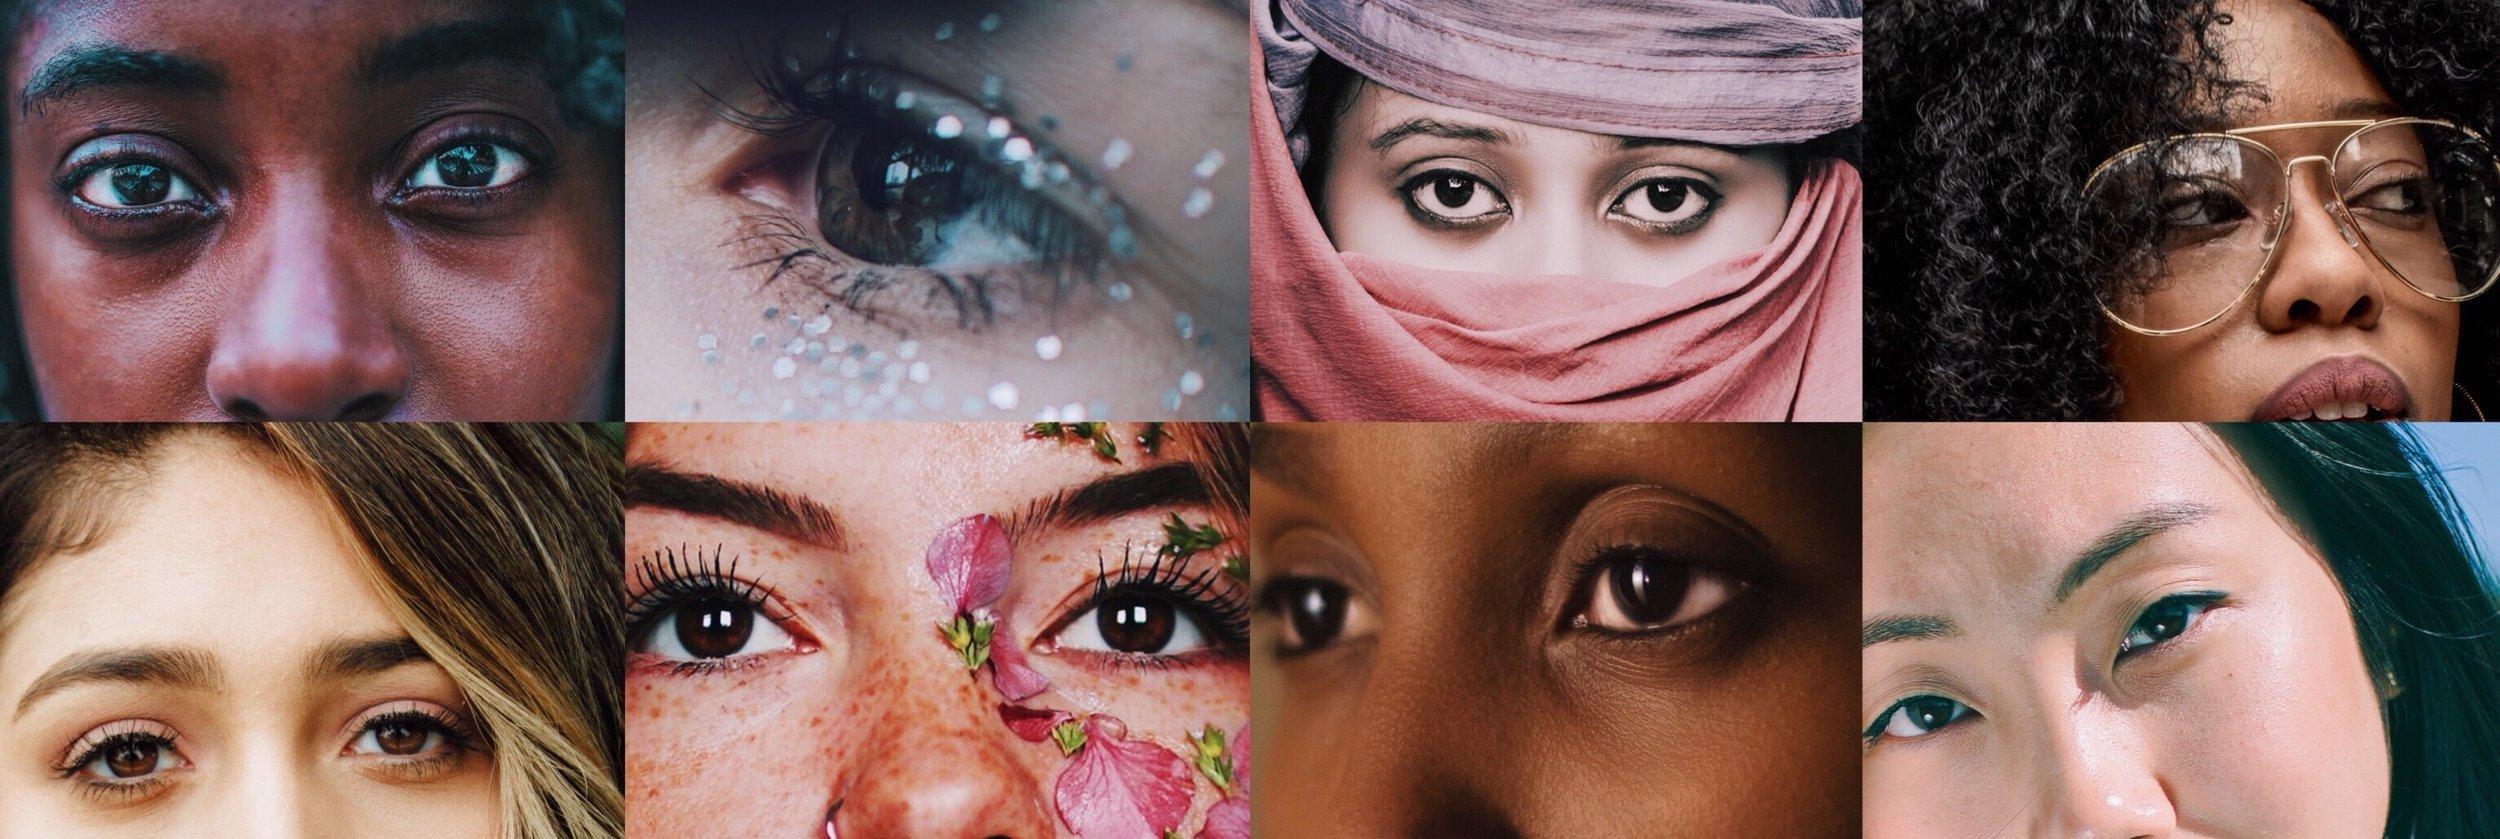 make-muse-eyes.jpg